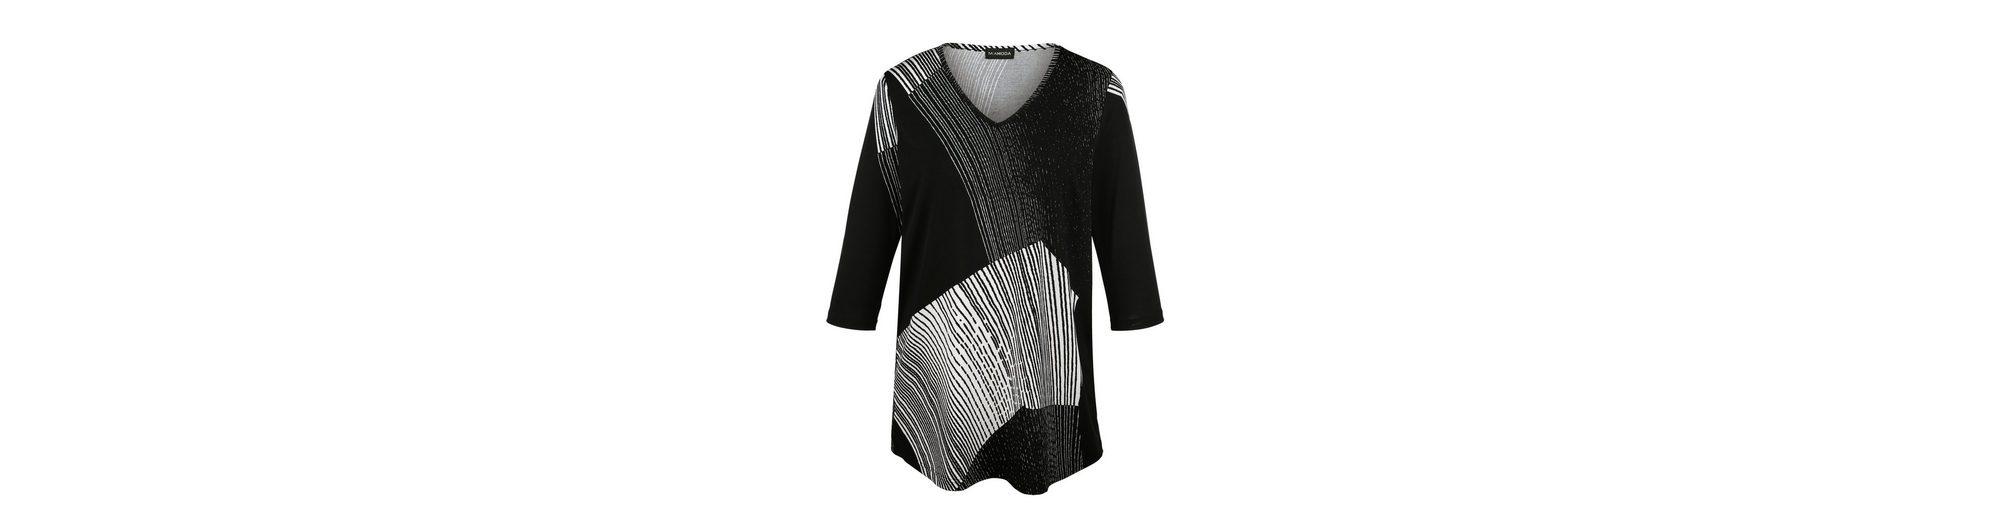 MIAMODA Shirt in Longform Günstige Kaufladen eMkYLc